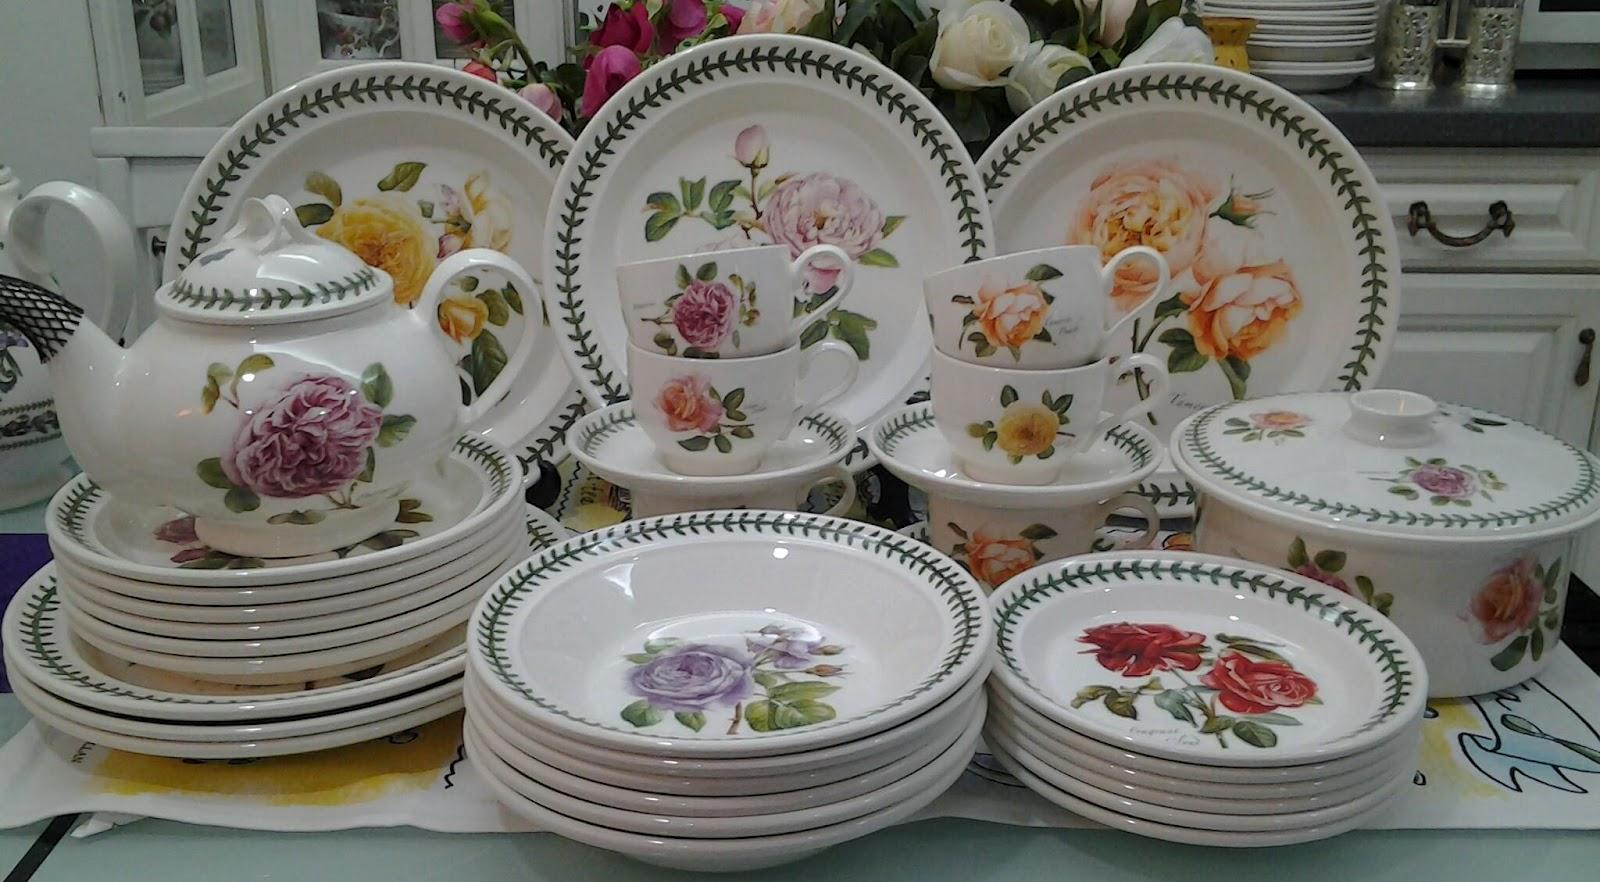 Lovely treasures from english garden portmeirion botanic for Portmeirion dinnerware set of 4 botanic garden canape plates